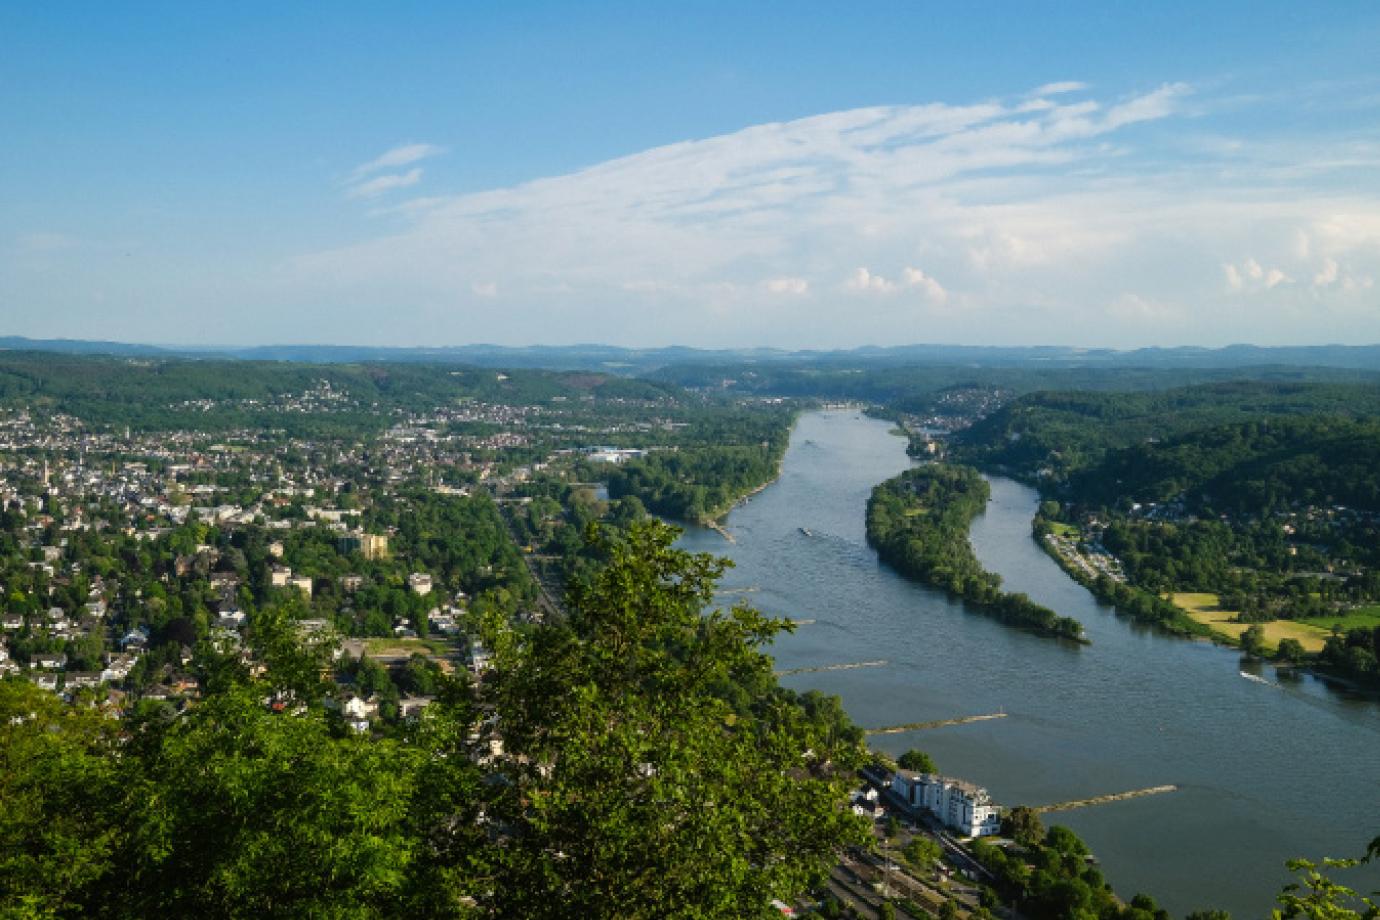 Blick vom Drachenfels auf Bad Honnef mit Parkresidenz